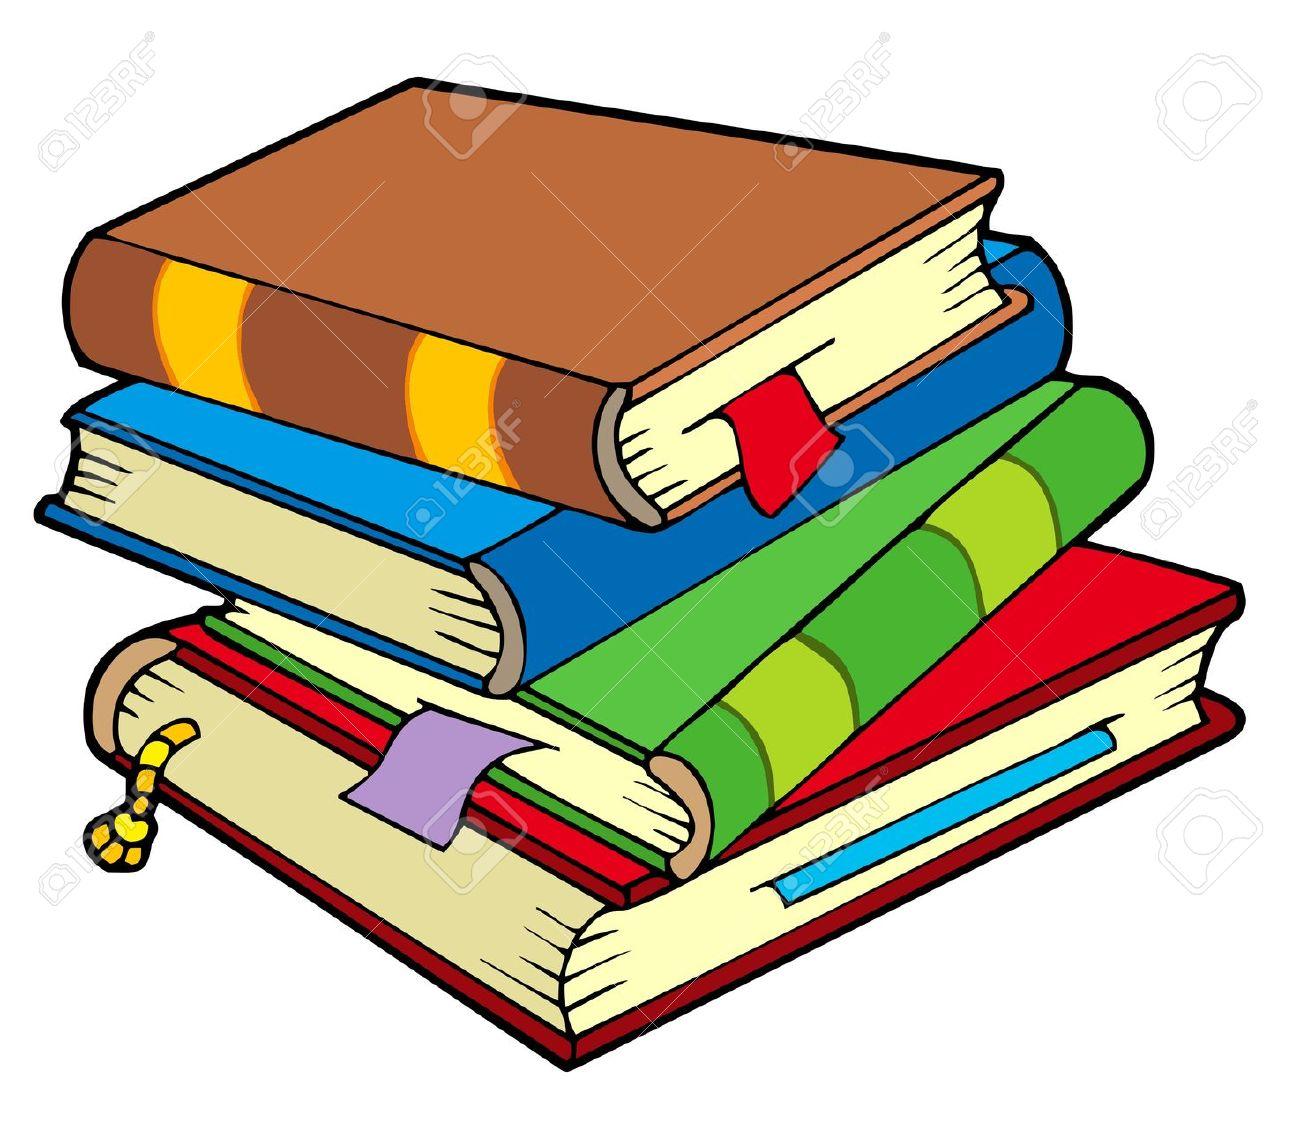 7554190-pila-de-cuatro-libros-antiguos-foto-de-archivo